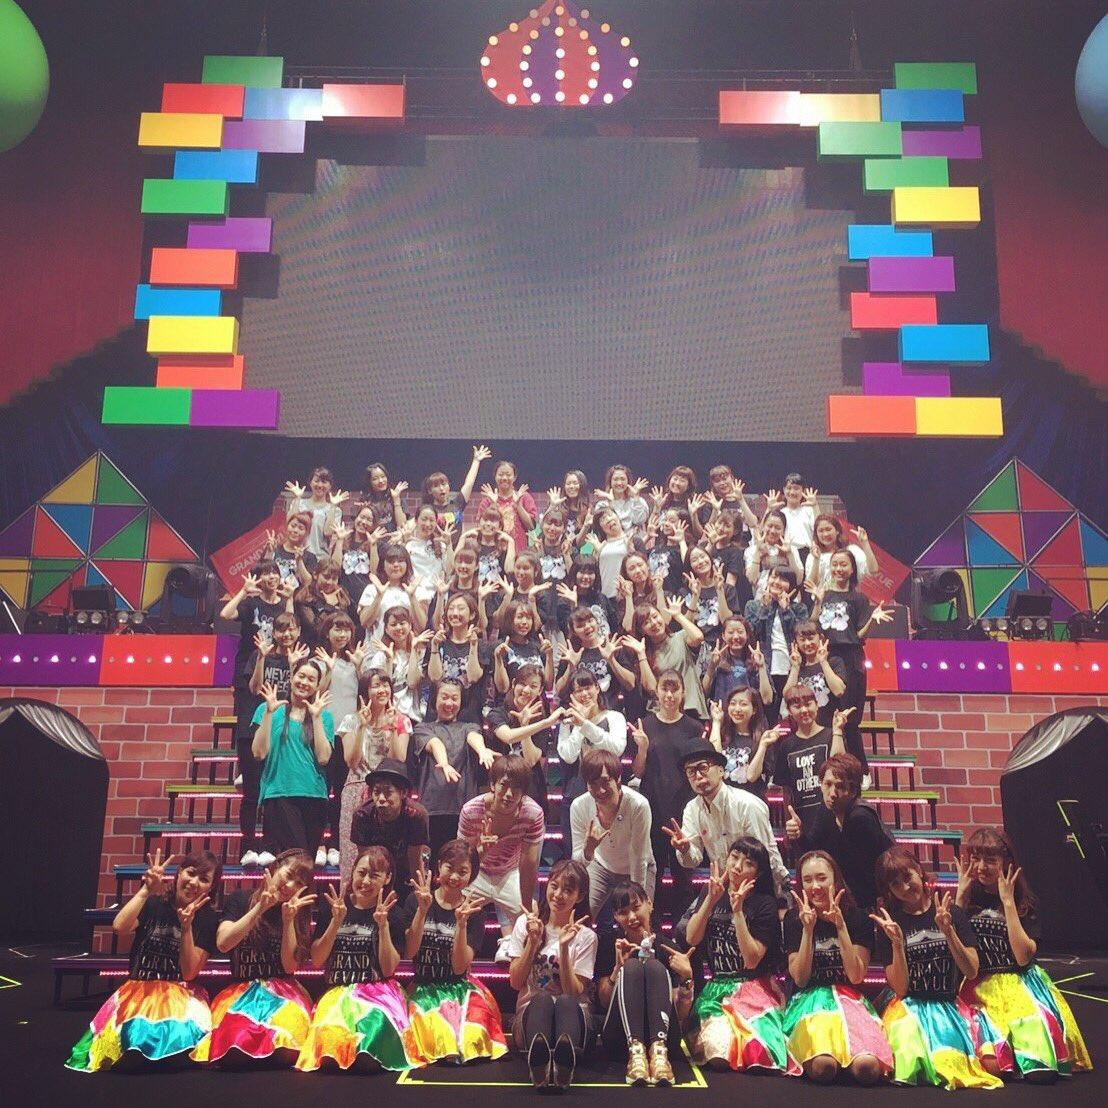 こちらはダンサーズのみんなと、バンドさんと♪こんなにたくさんの仲間が一緒にステージを盛り上げてくださって、心強かったー (о´∀`о)